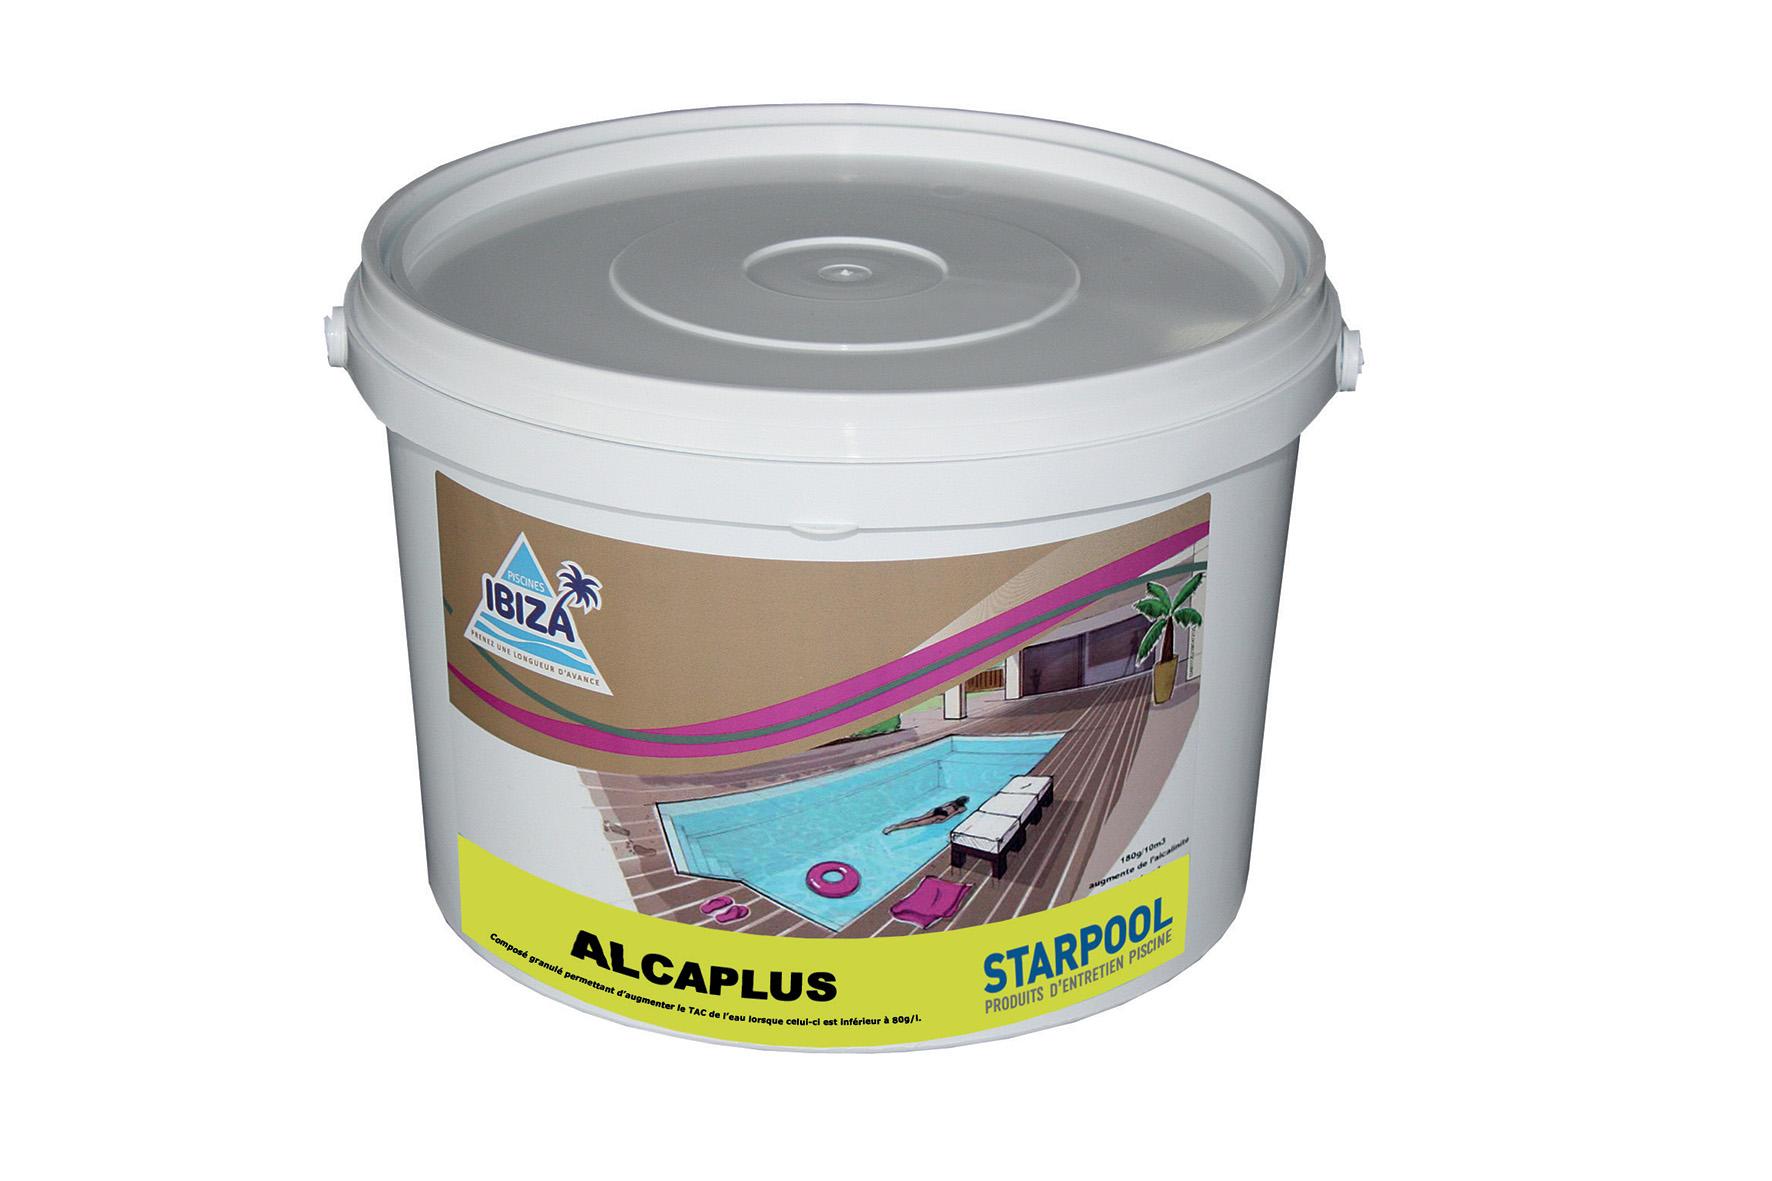 alcaplus